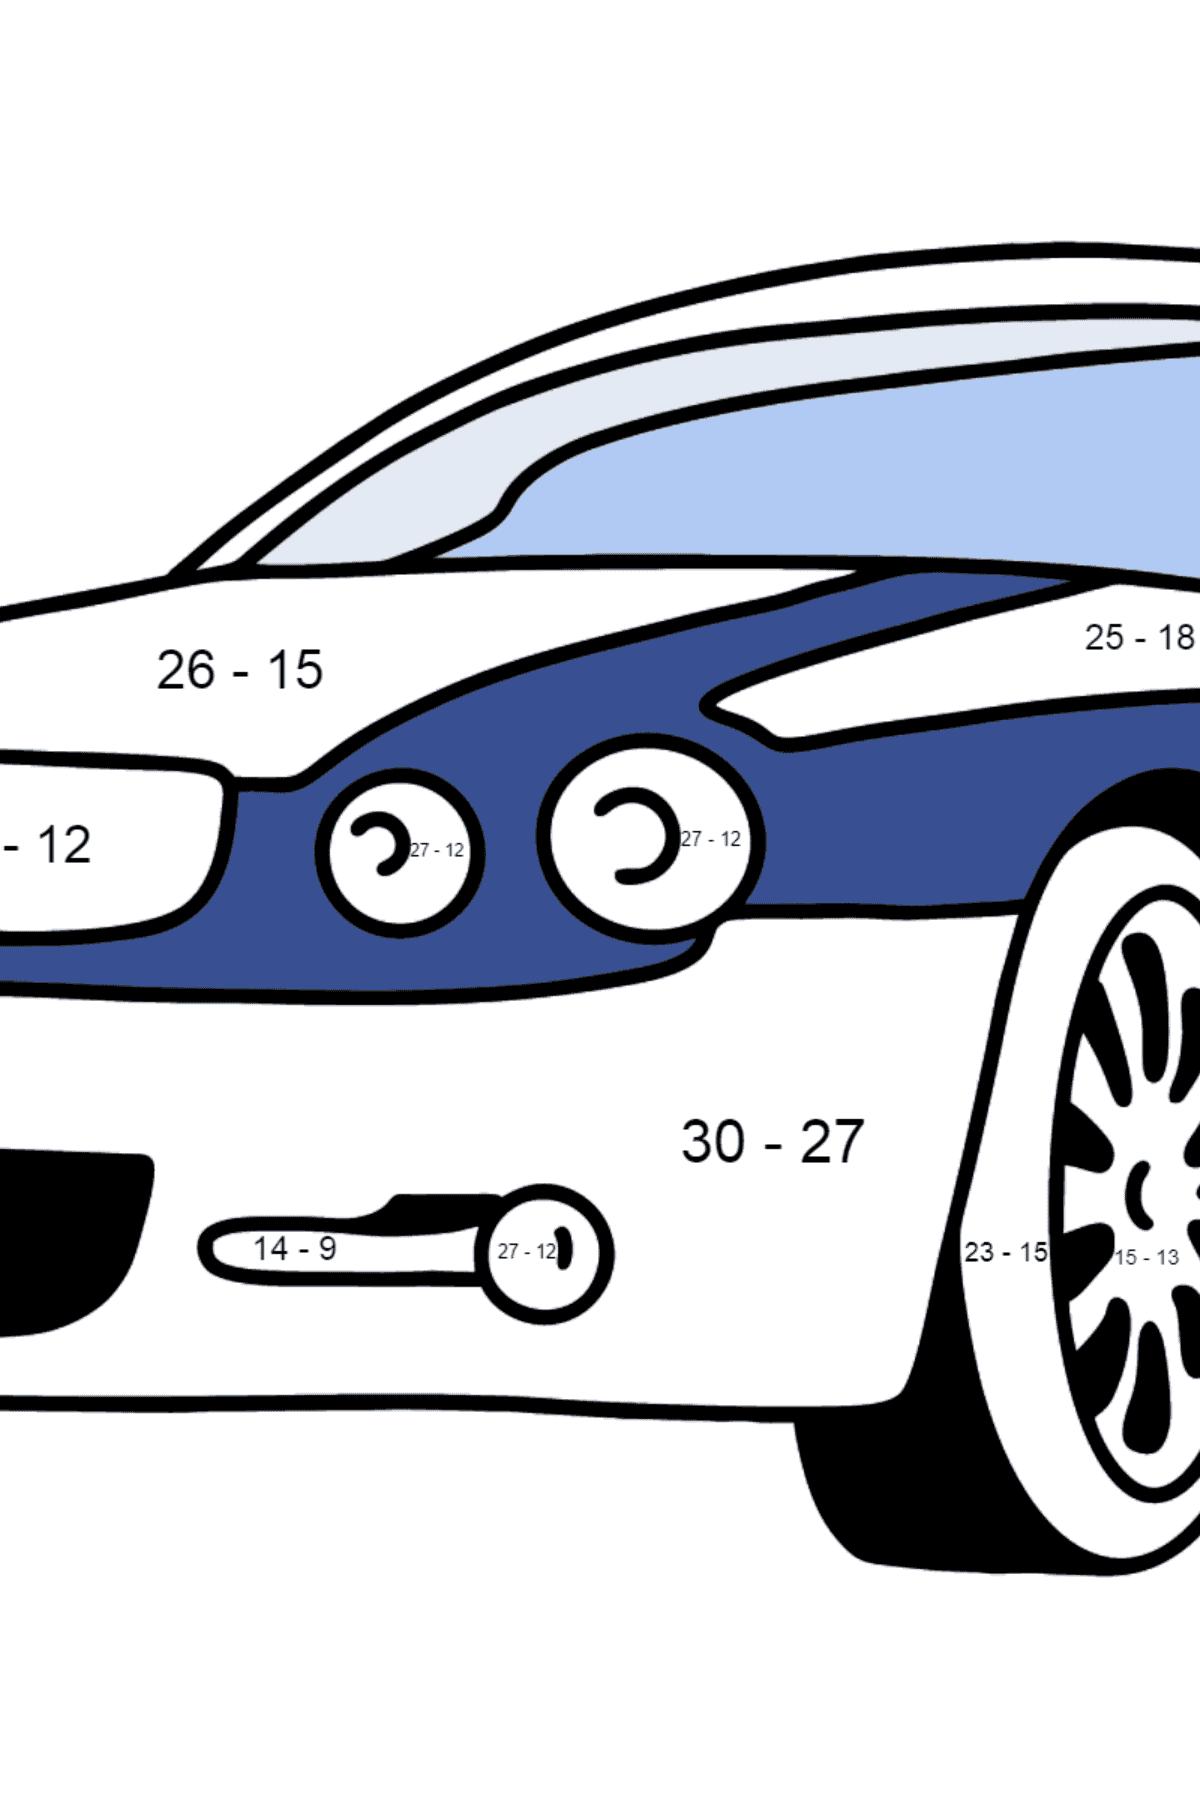 Jaguar GT coloring page - Math Coloring - Subtraction for Kids